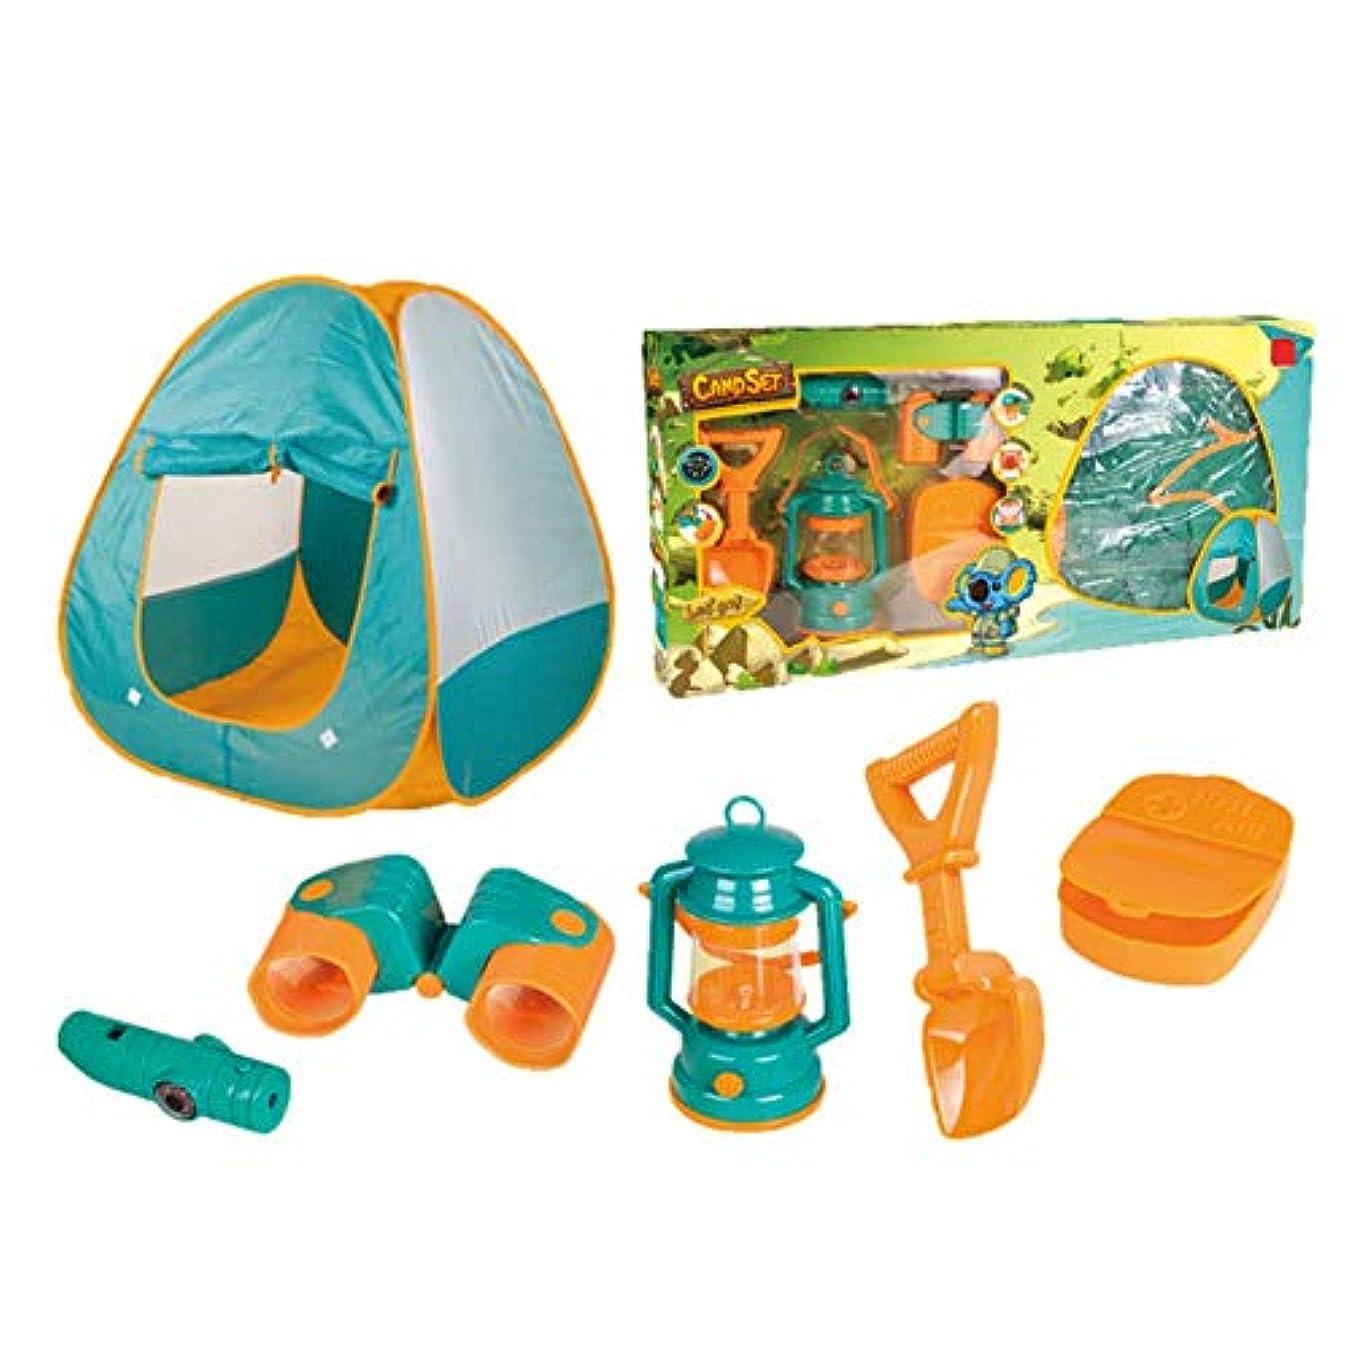 広げる失業者みがきます屋外ポータブルテント子供の組み立てられたキャンプテントセットワイルドビーチプレイハウスゲーム知育玩具